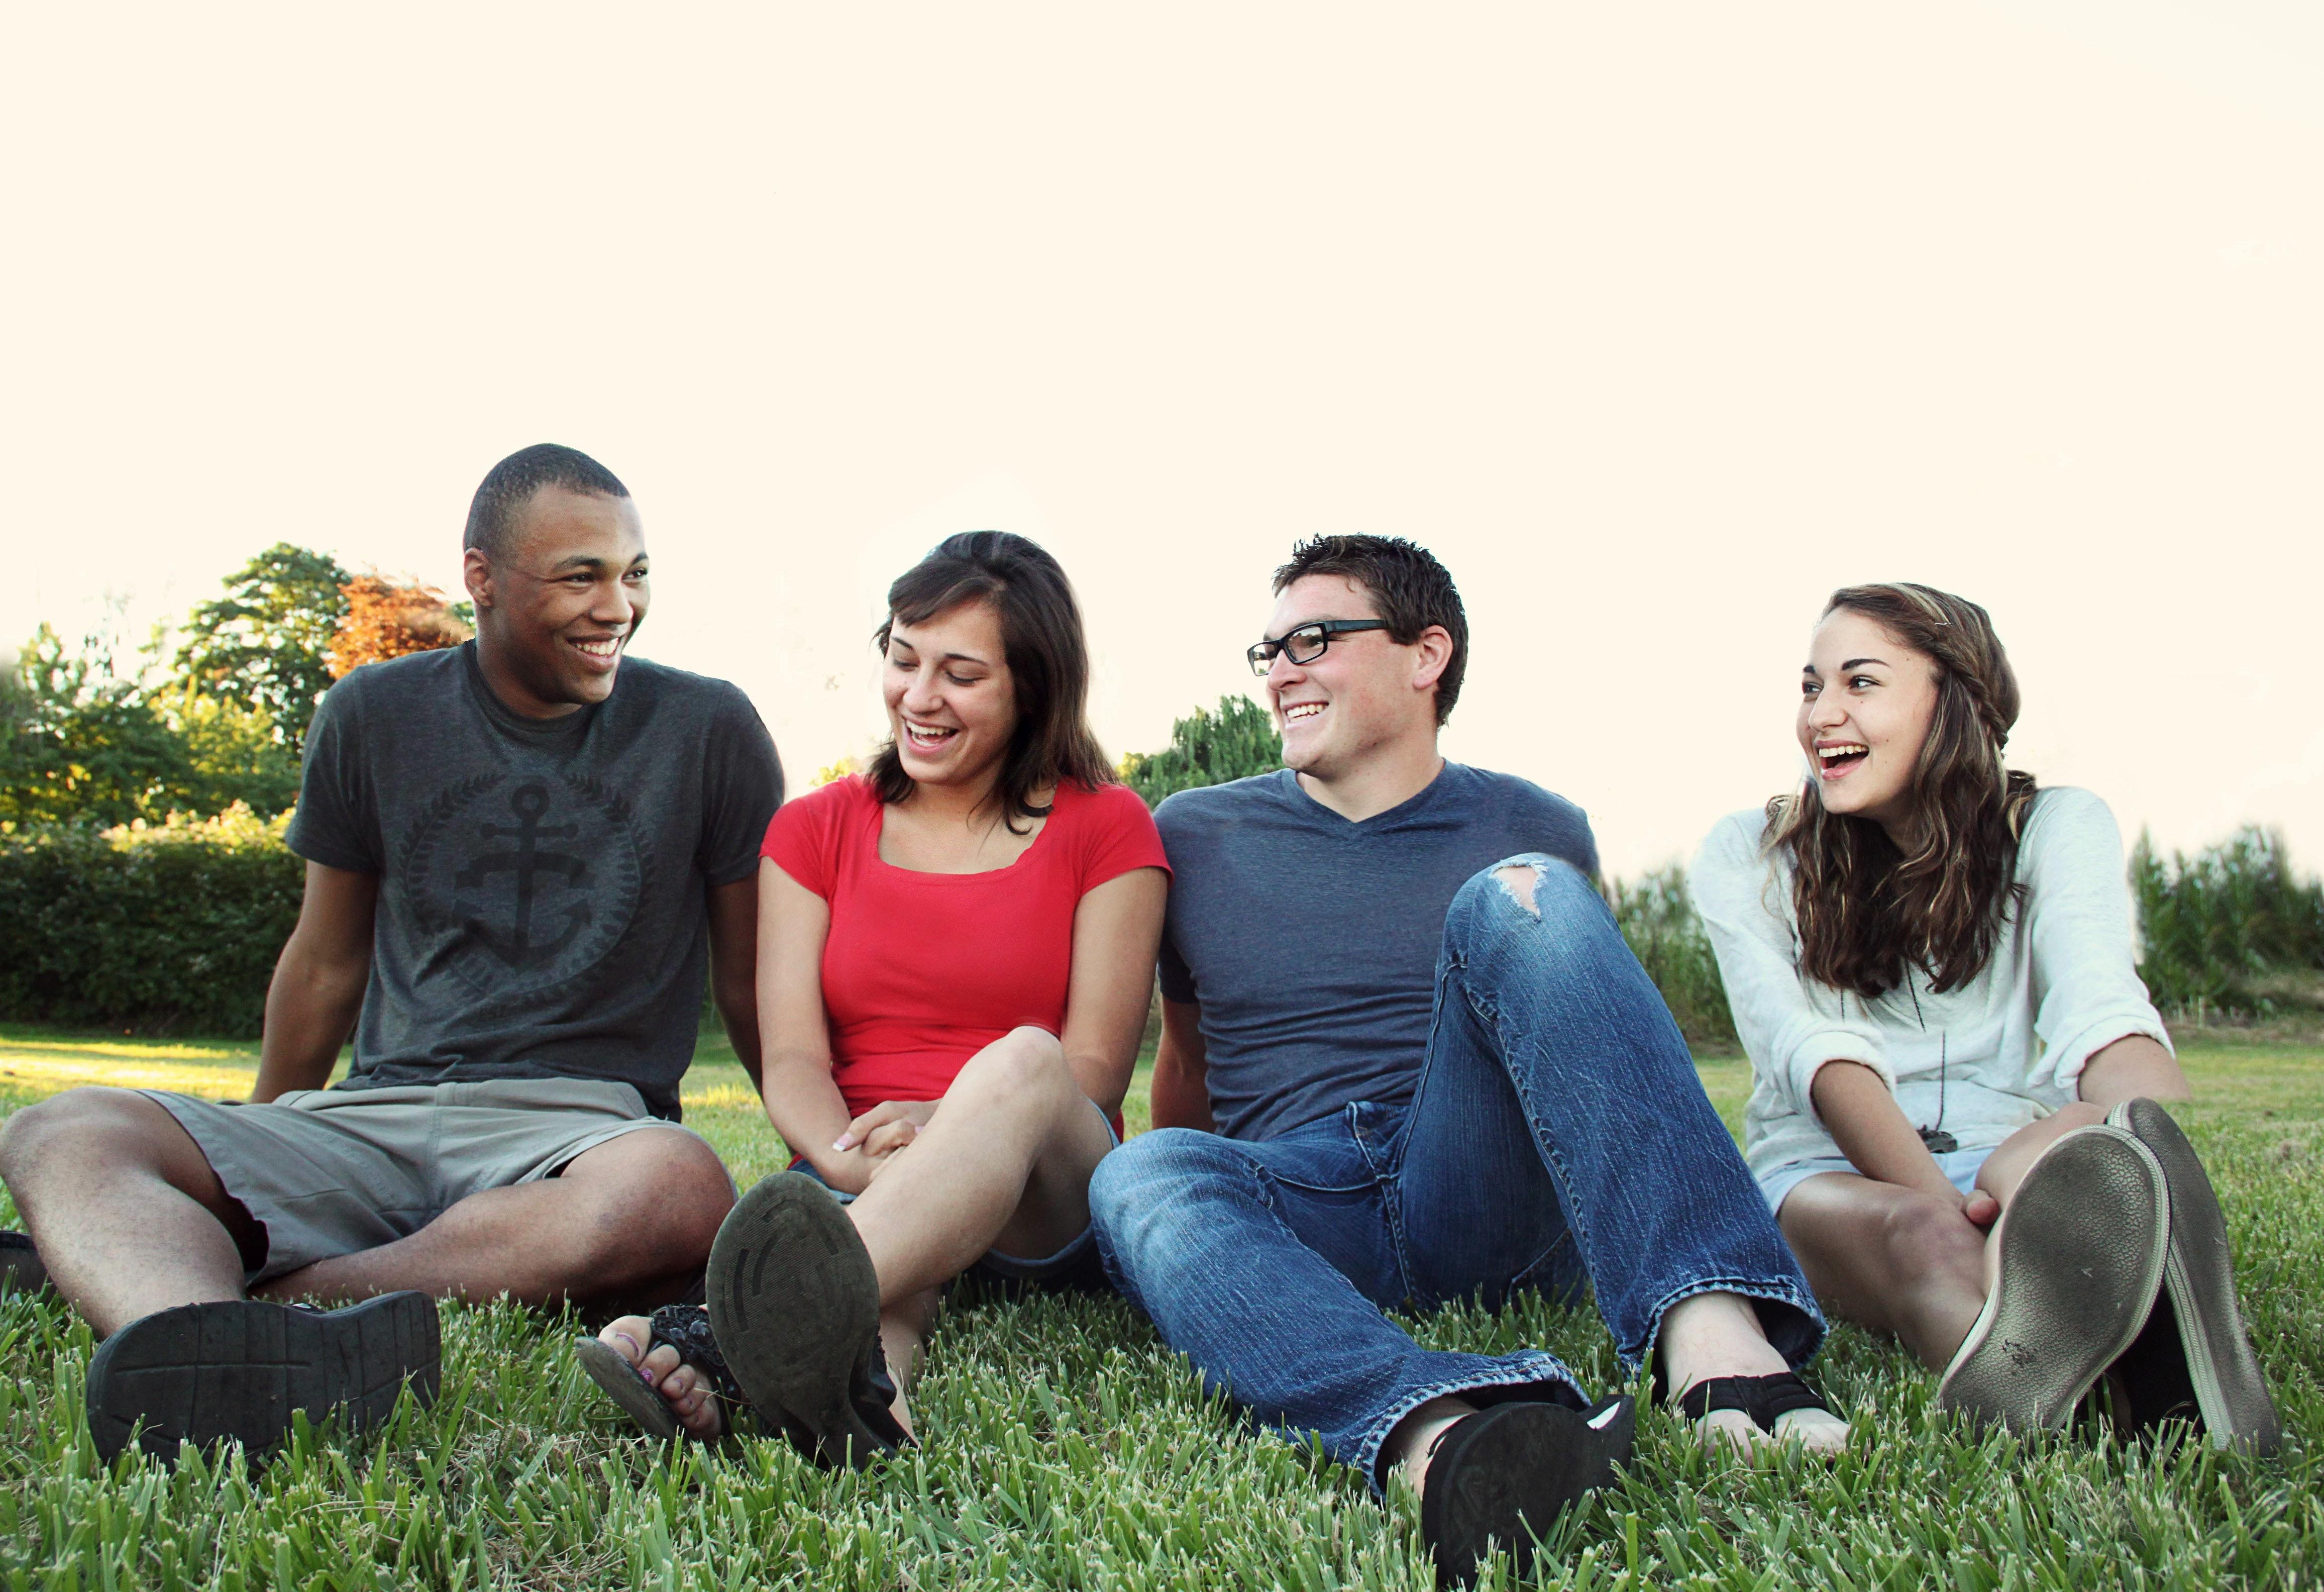 Grupo de jovenes compartiendo. (Cortesía de Pexels)